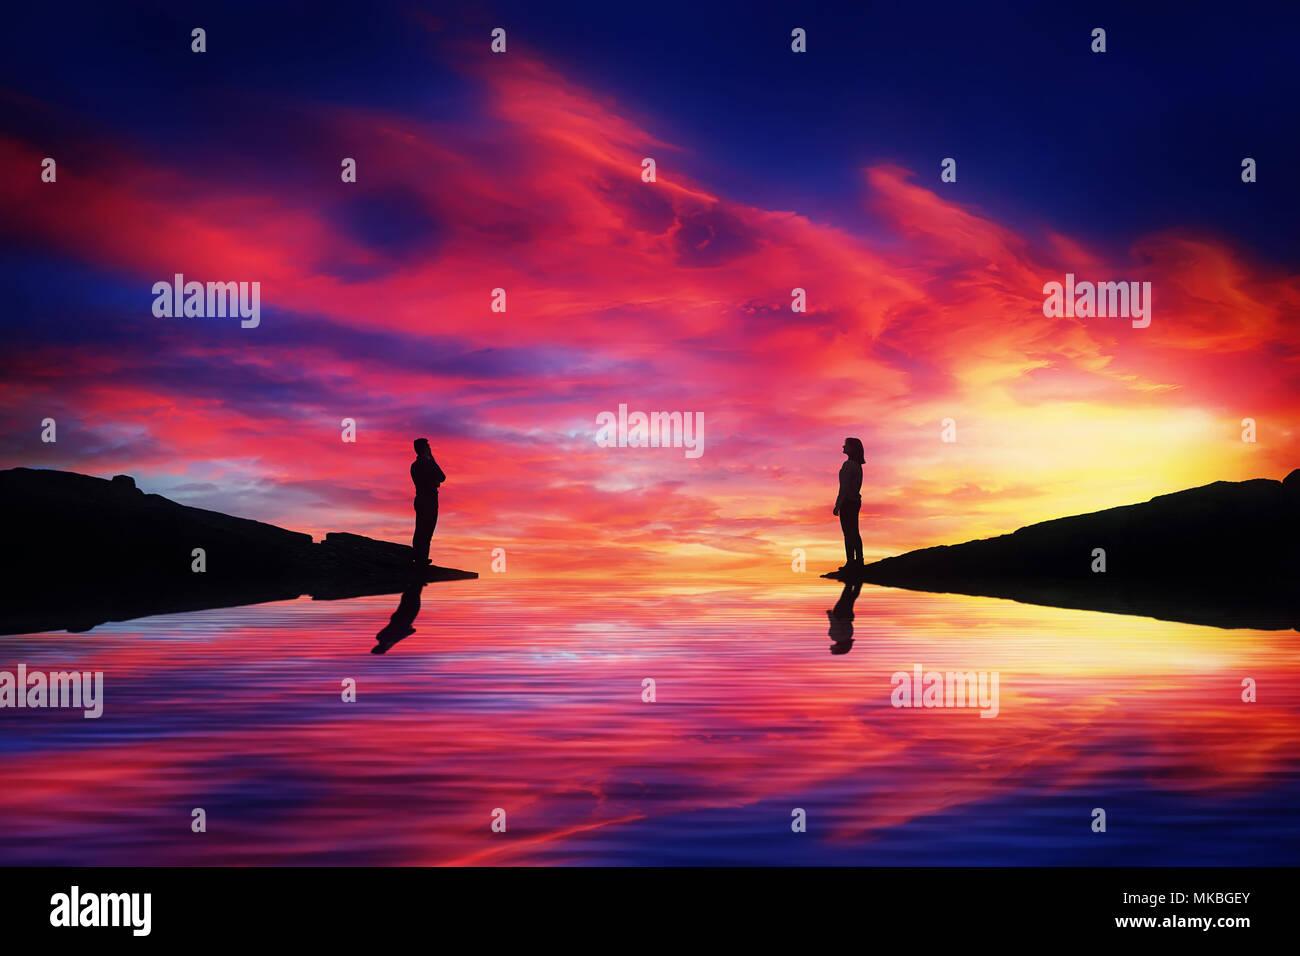 Un chico y una chica se encuentran en diferentes lados de un río pensar cómo llegar a cada uno de los demás a través de una hermosa puesta de sol de fondo. La construcción de un puente imaginario. L Imagen De Stock